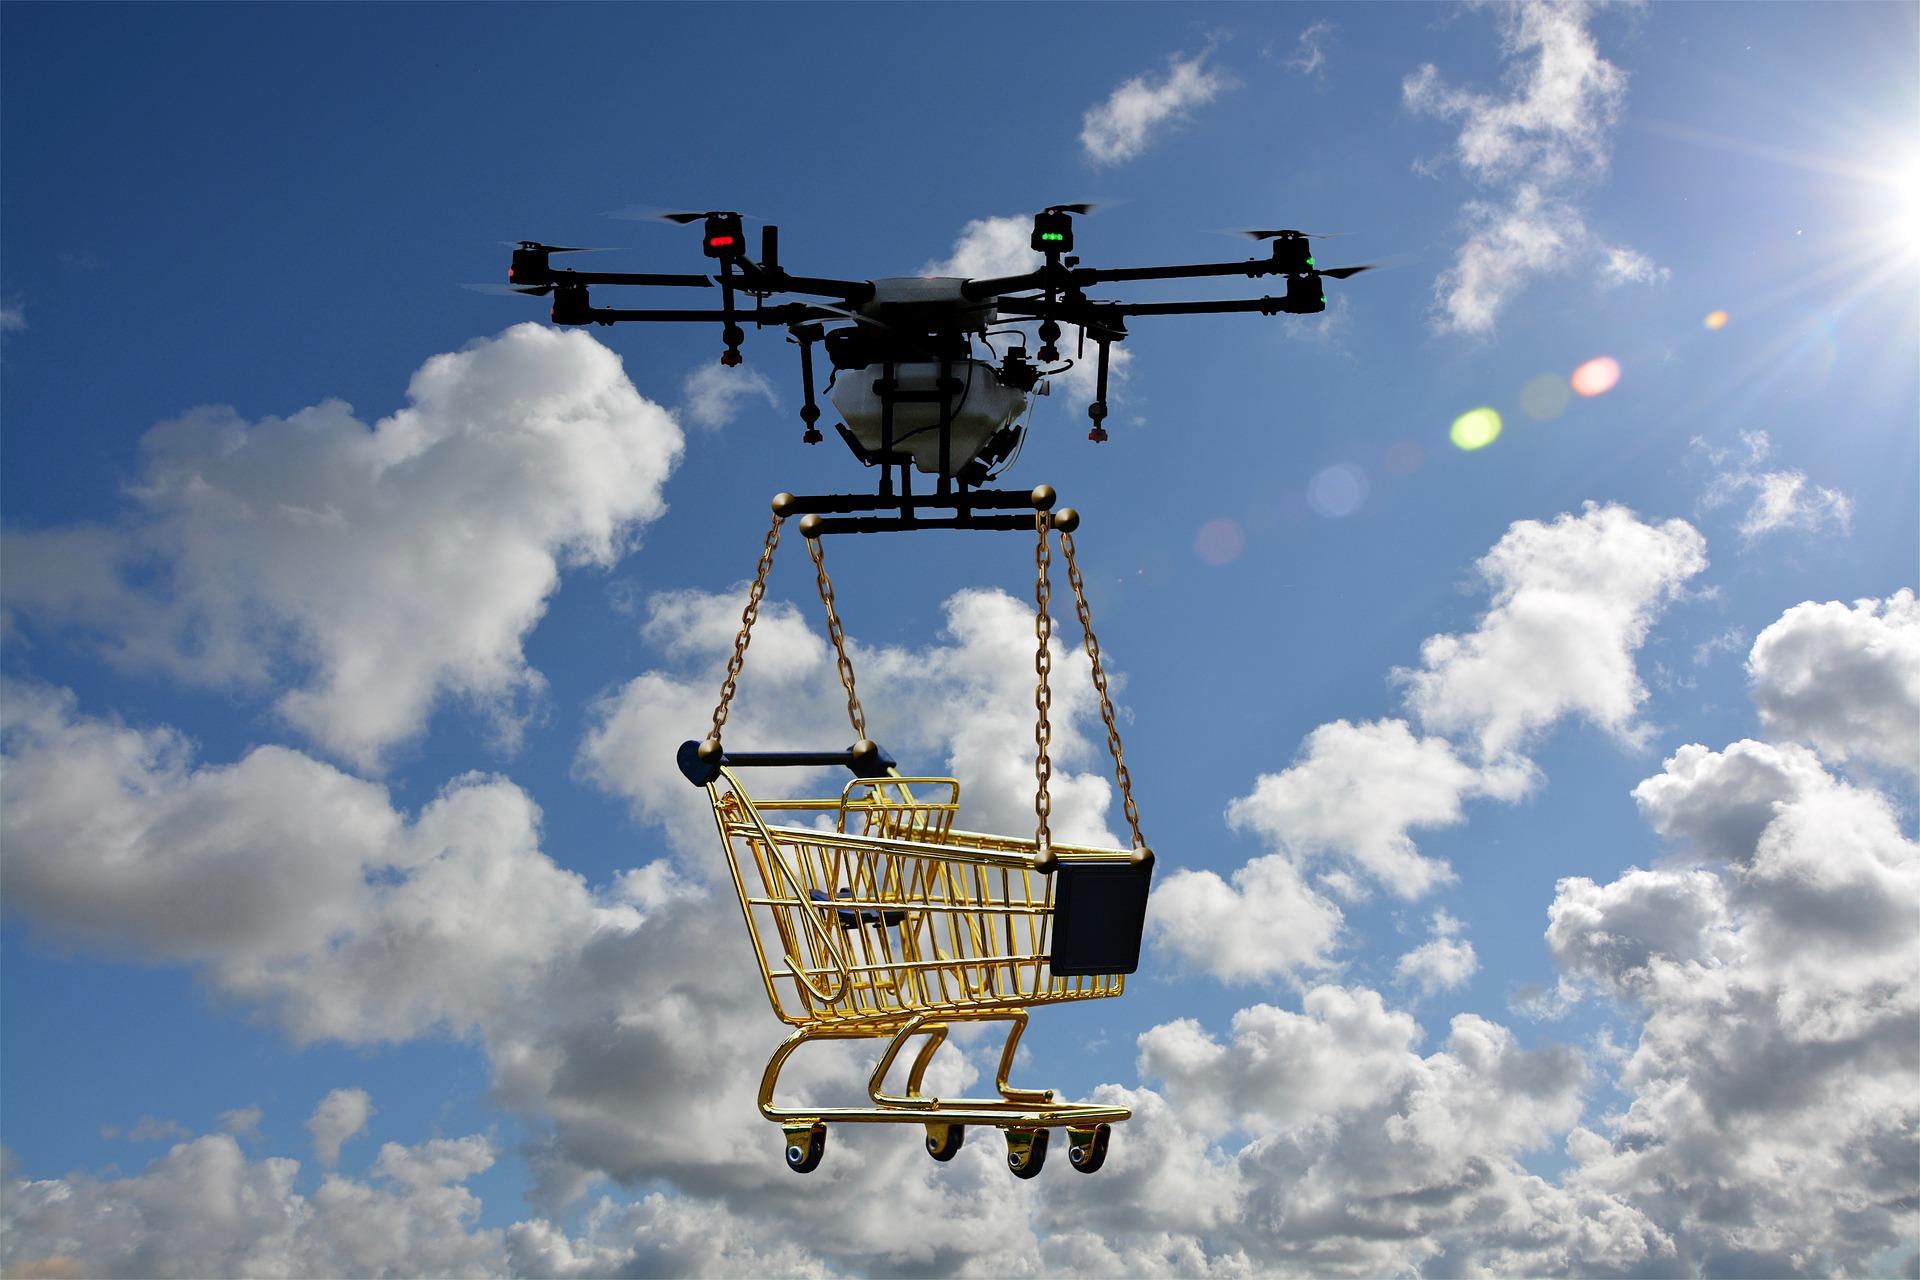 acheter son drone en ligne nos conseils pour bien choisir. Black Bedroom Furniture Sets. Home Design Ideas